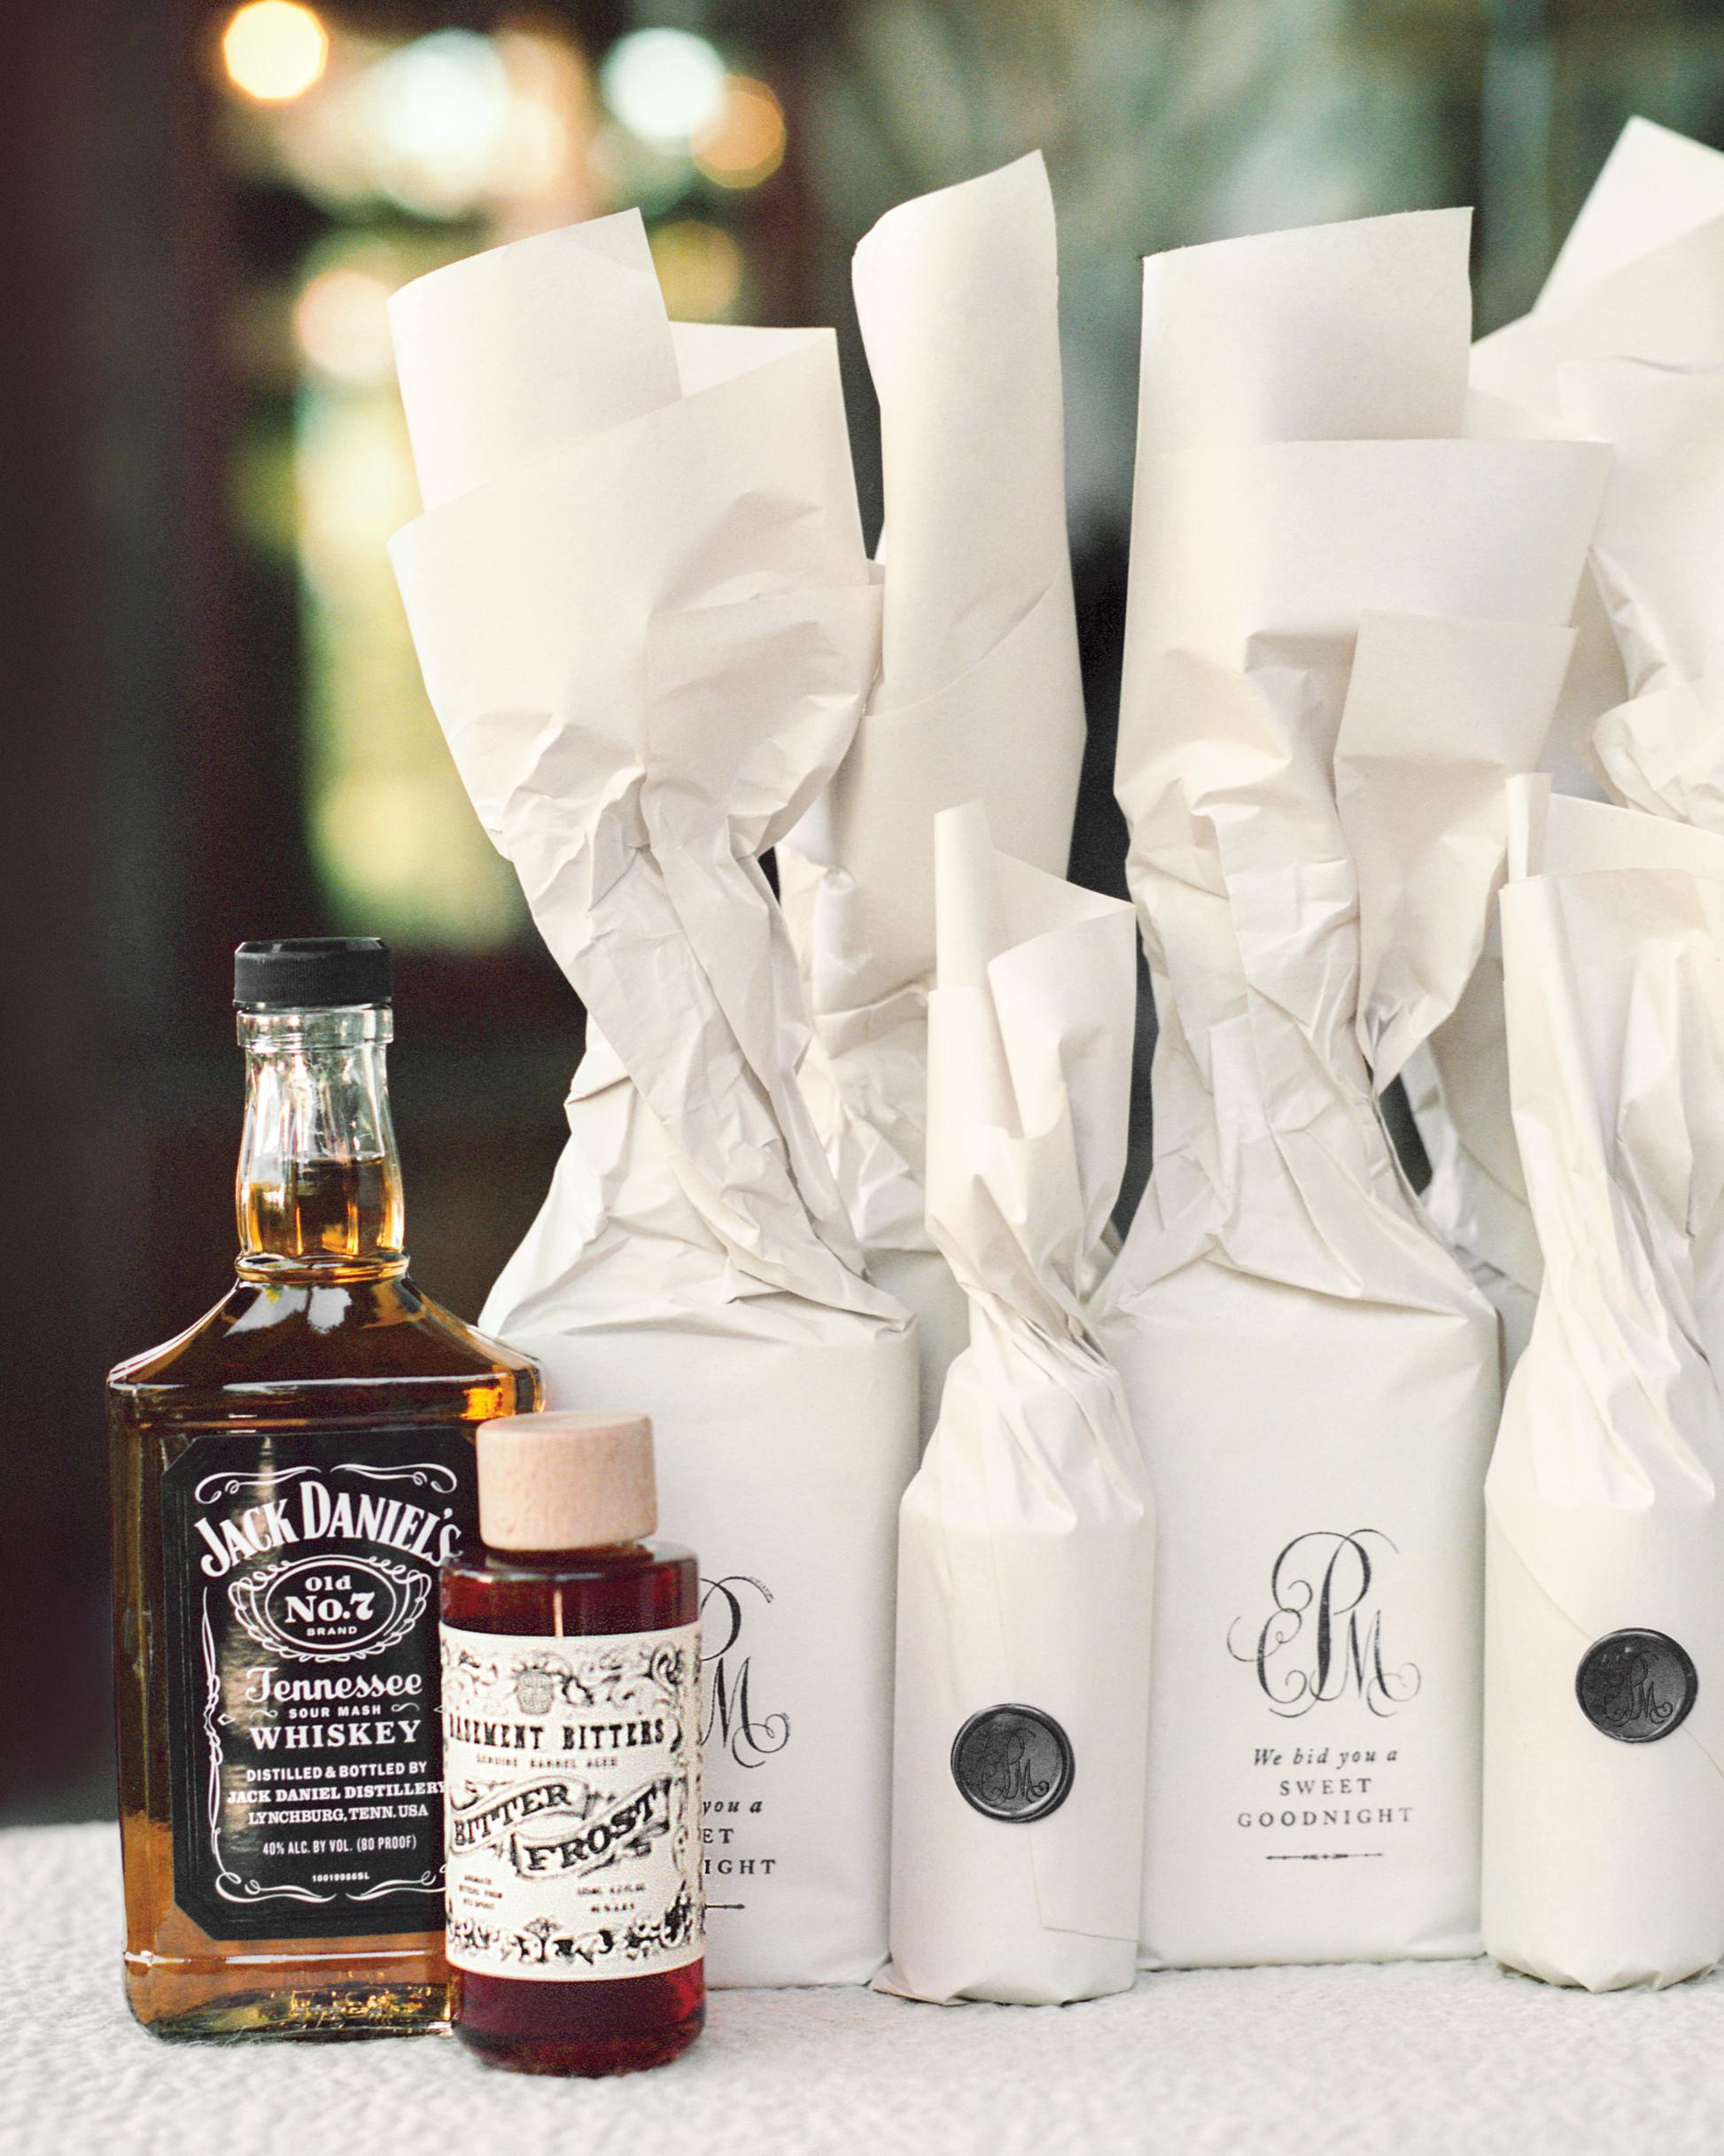 kate-michael-whiskey-10-08n-mwd110537.jpg